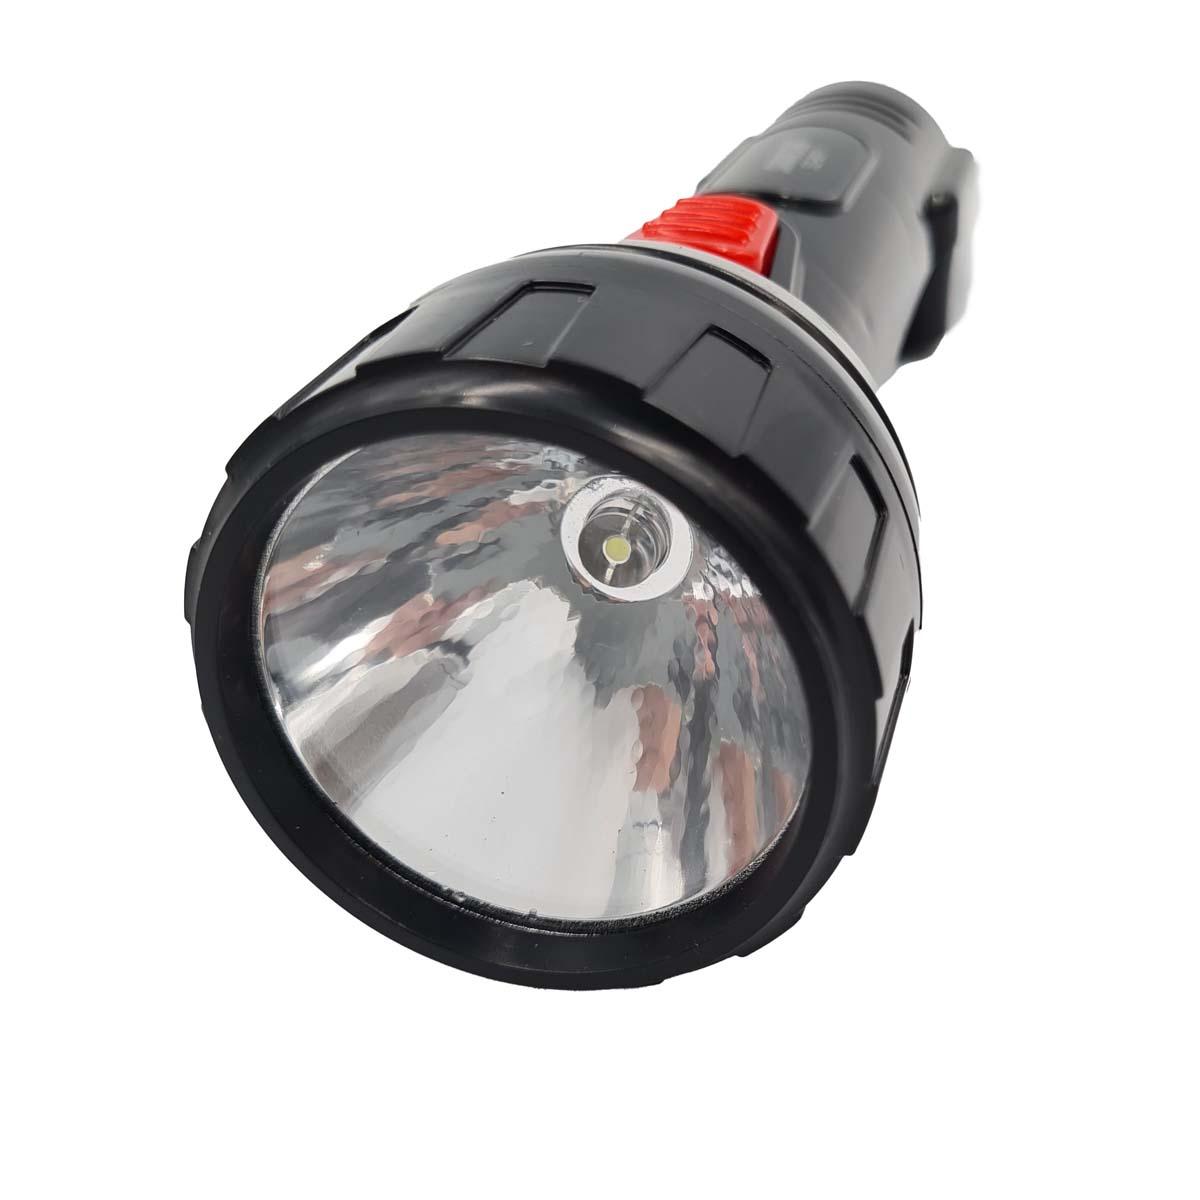 Lanterna Recarregável Bivolt de LED para Camping Pesca Residências SS-851 SHUNSHI